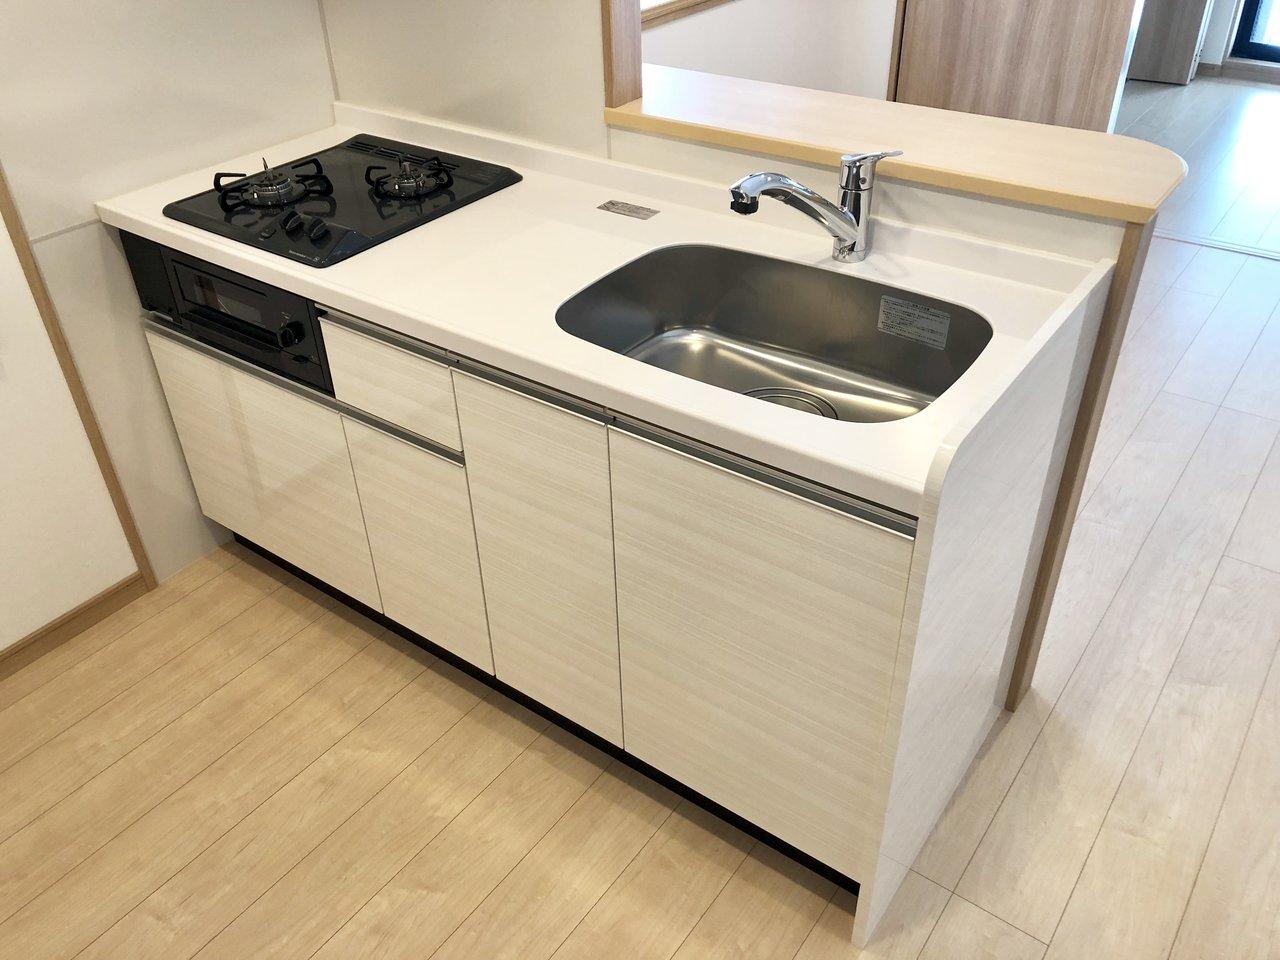 新築なので、キッチンやバスルーム、洗面スペースなど、もちろんピッカピカ。設備面を重視する方にもおすすめです。